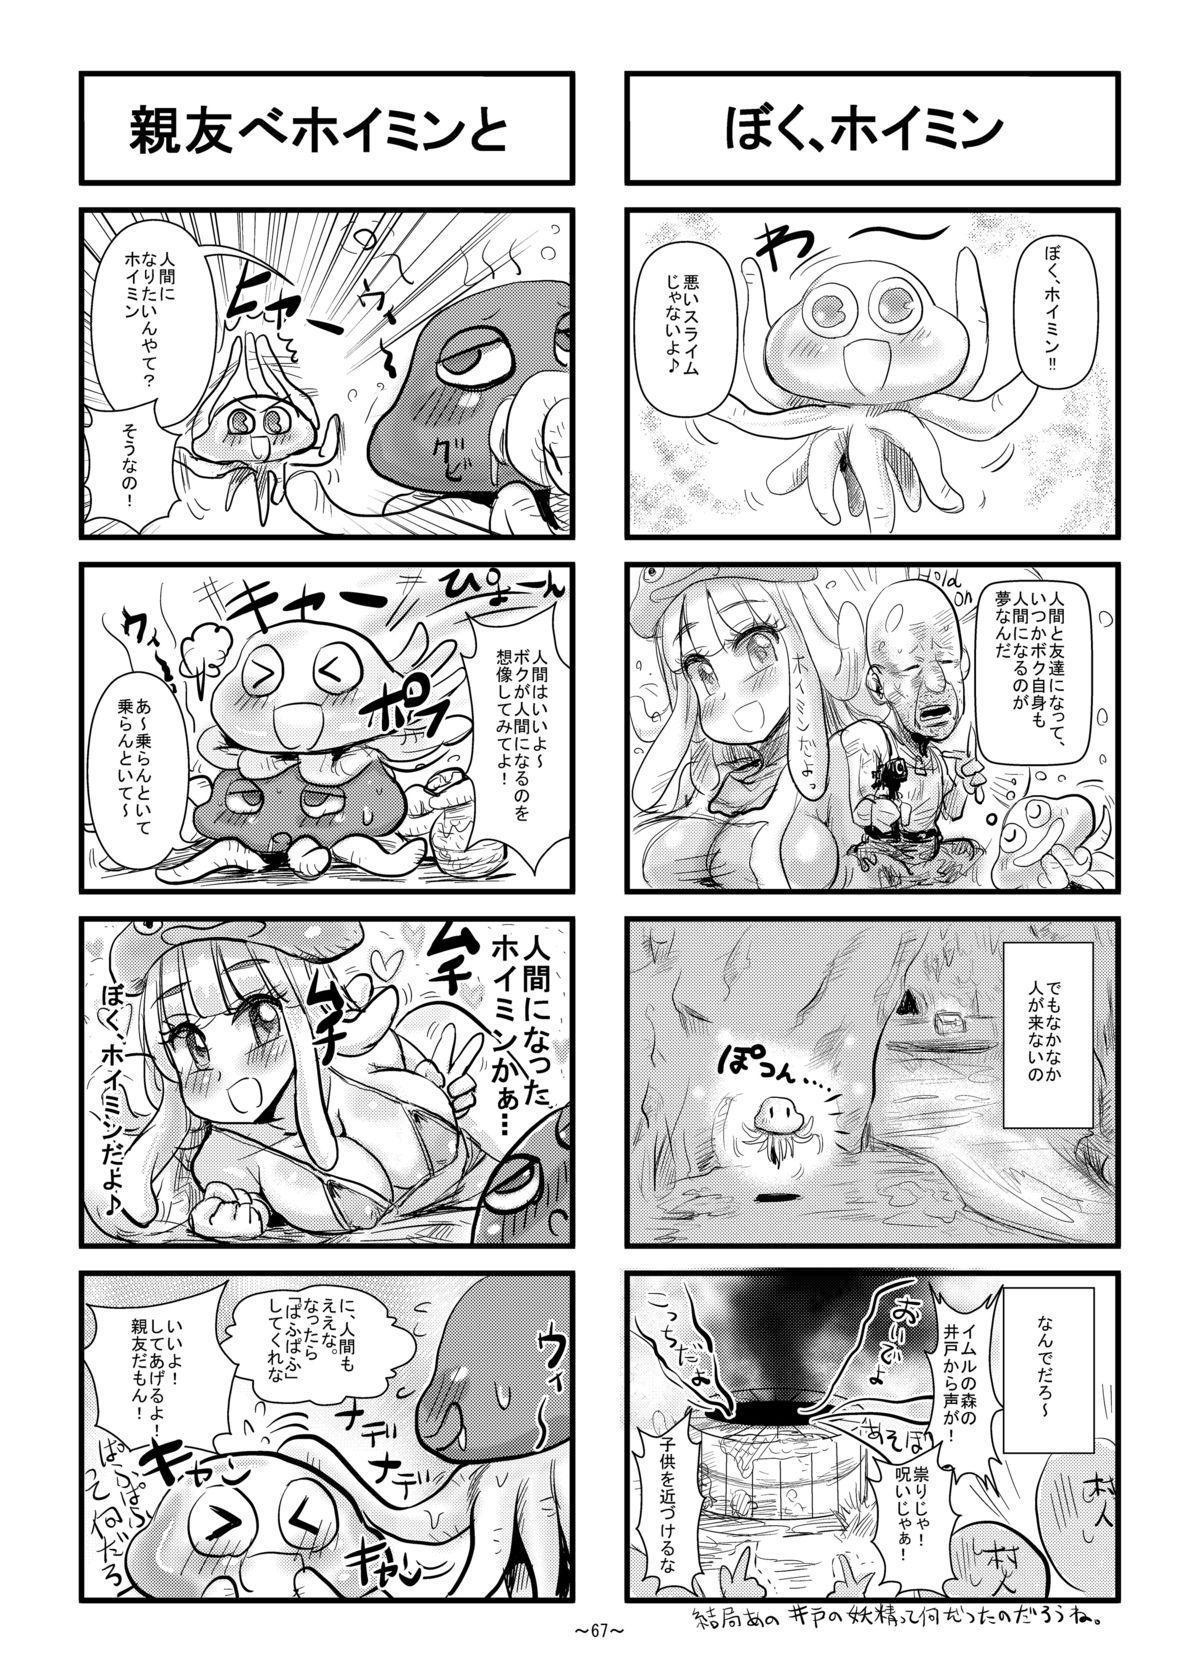 Zettai ni Zenmetsushite wa Ikenai DraQue 67